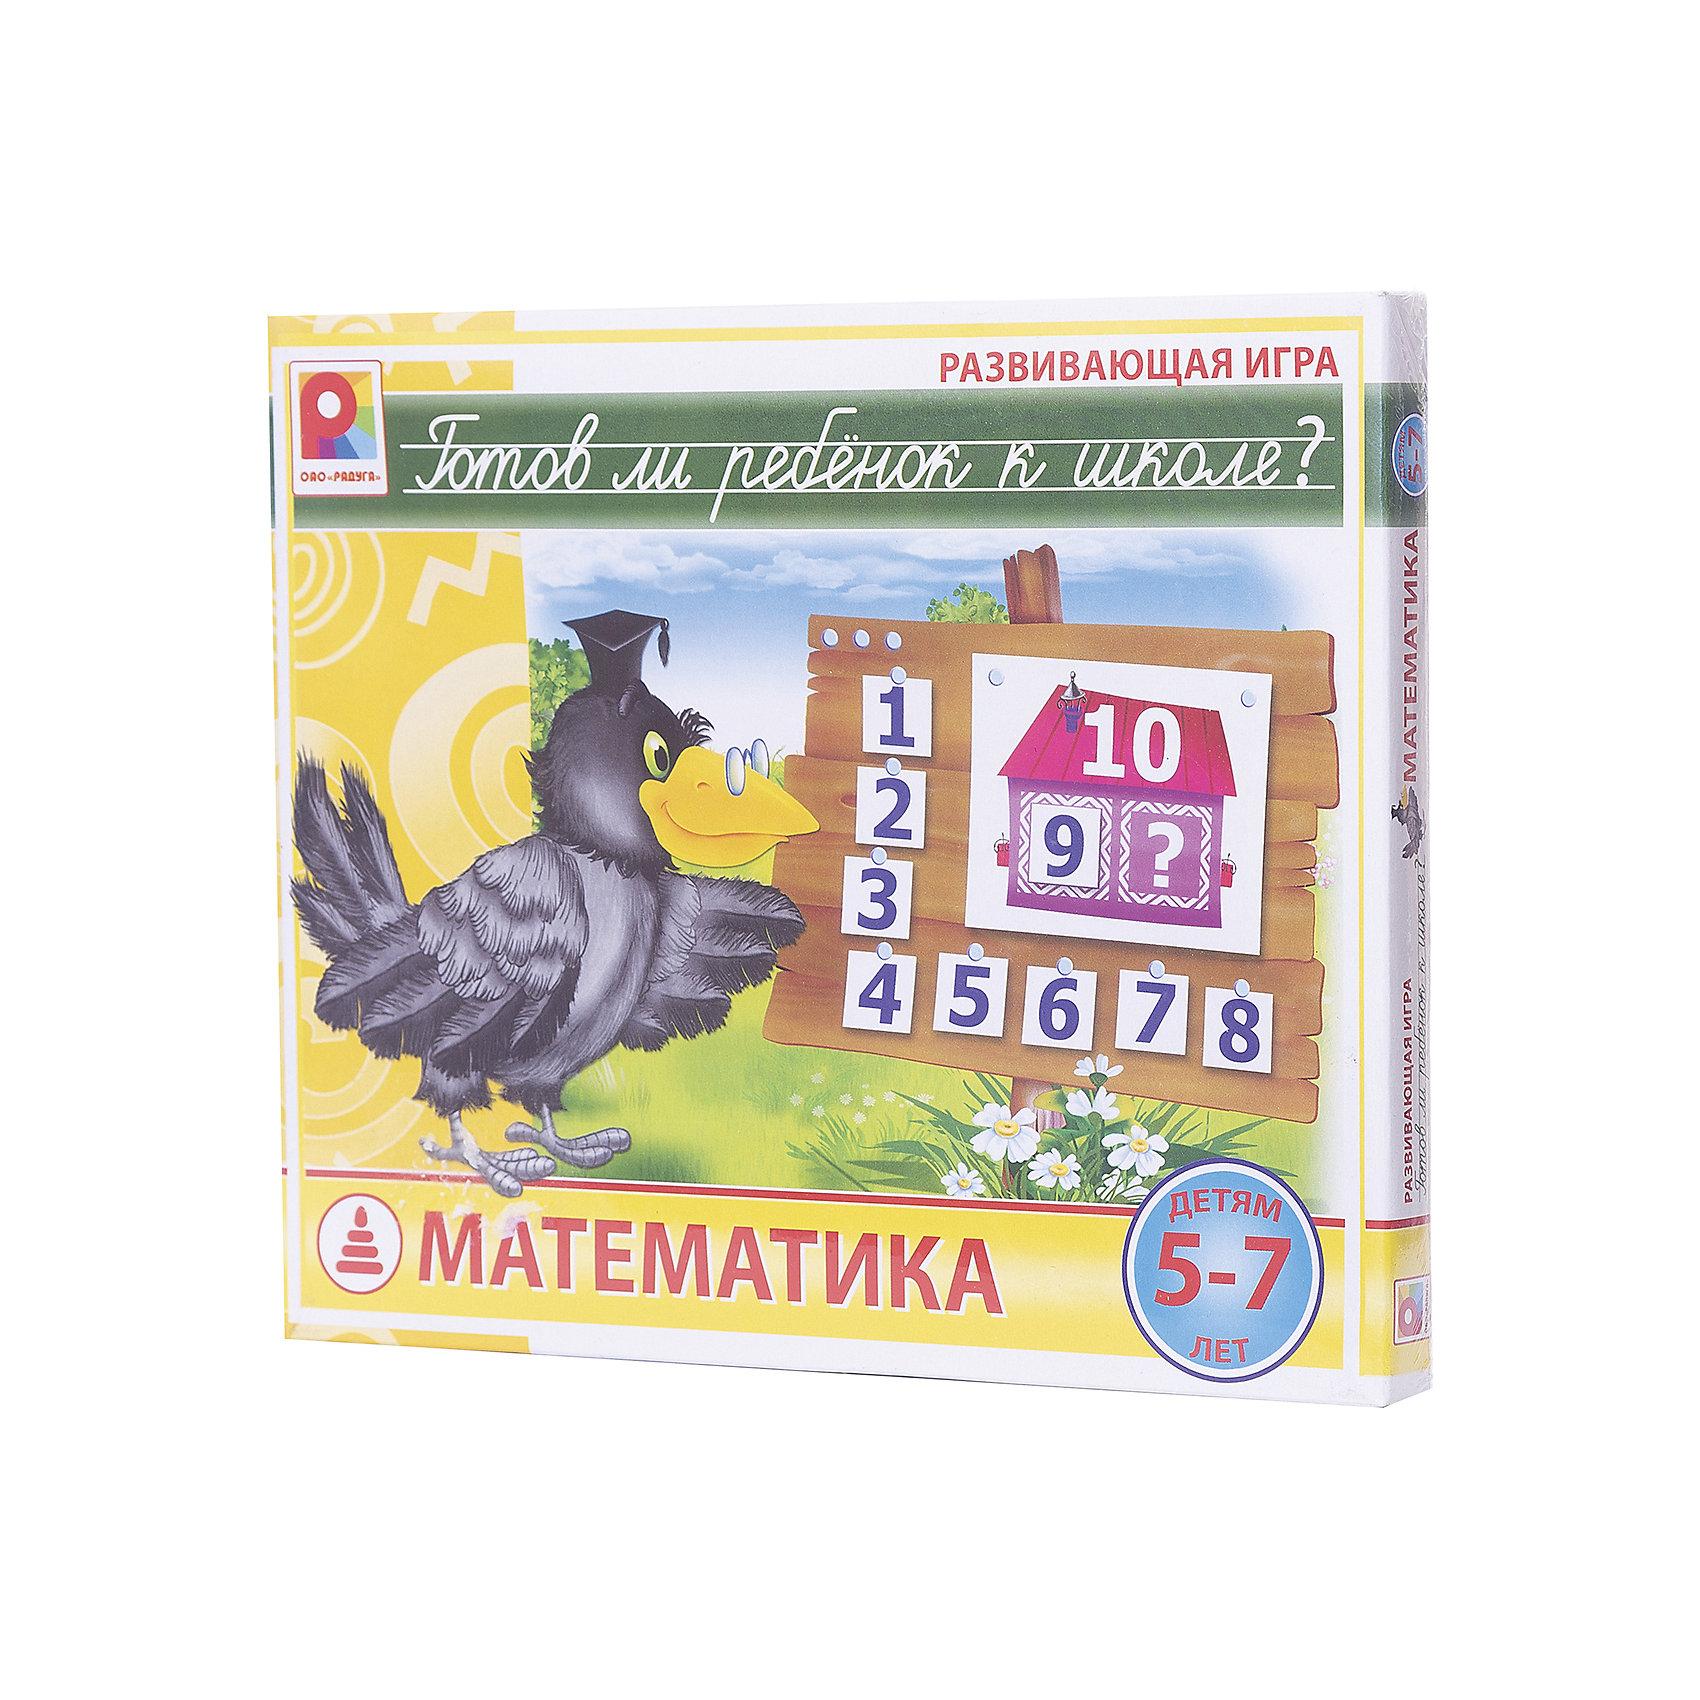 Математика. Игра, Радуга